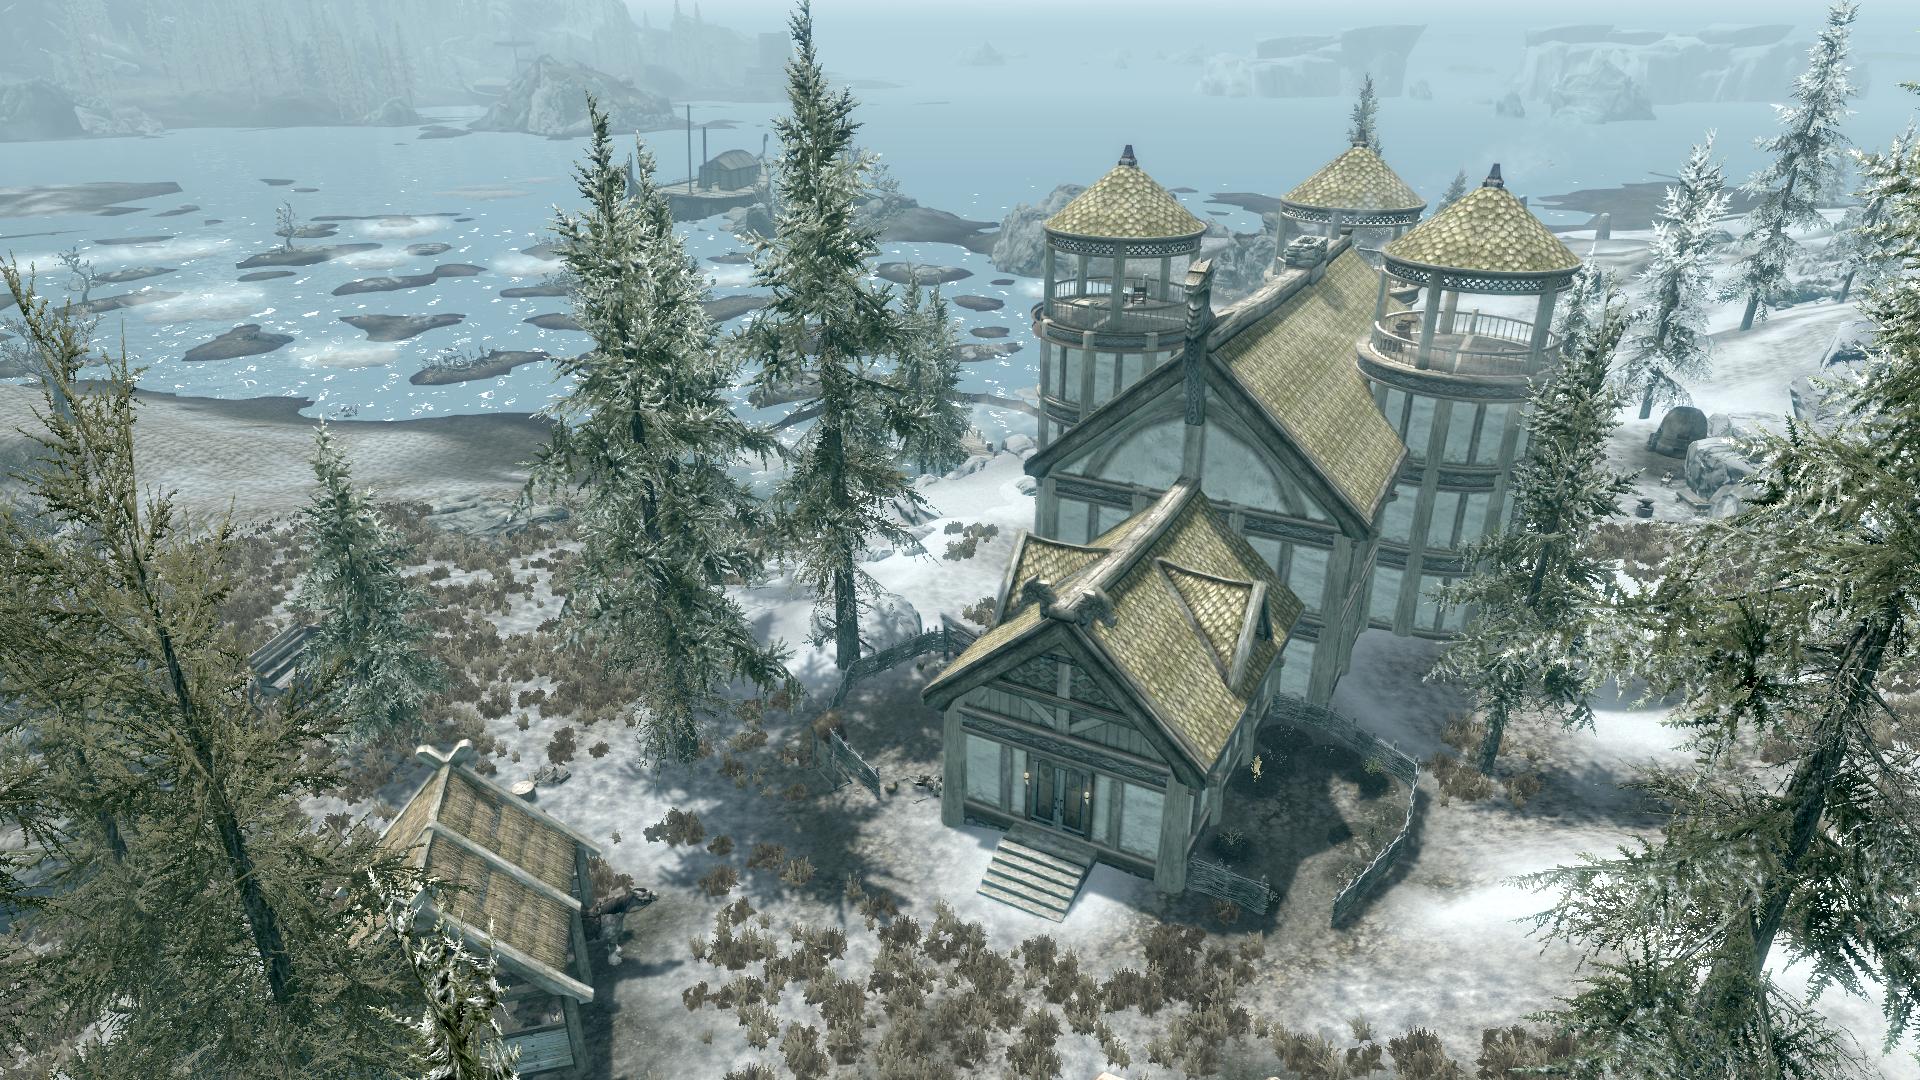 Windstad Manor Elder Scrolls Wikia